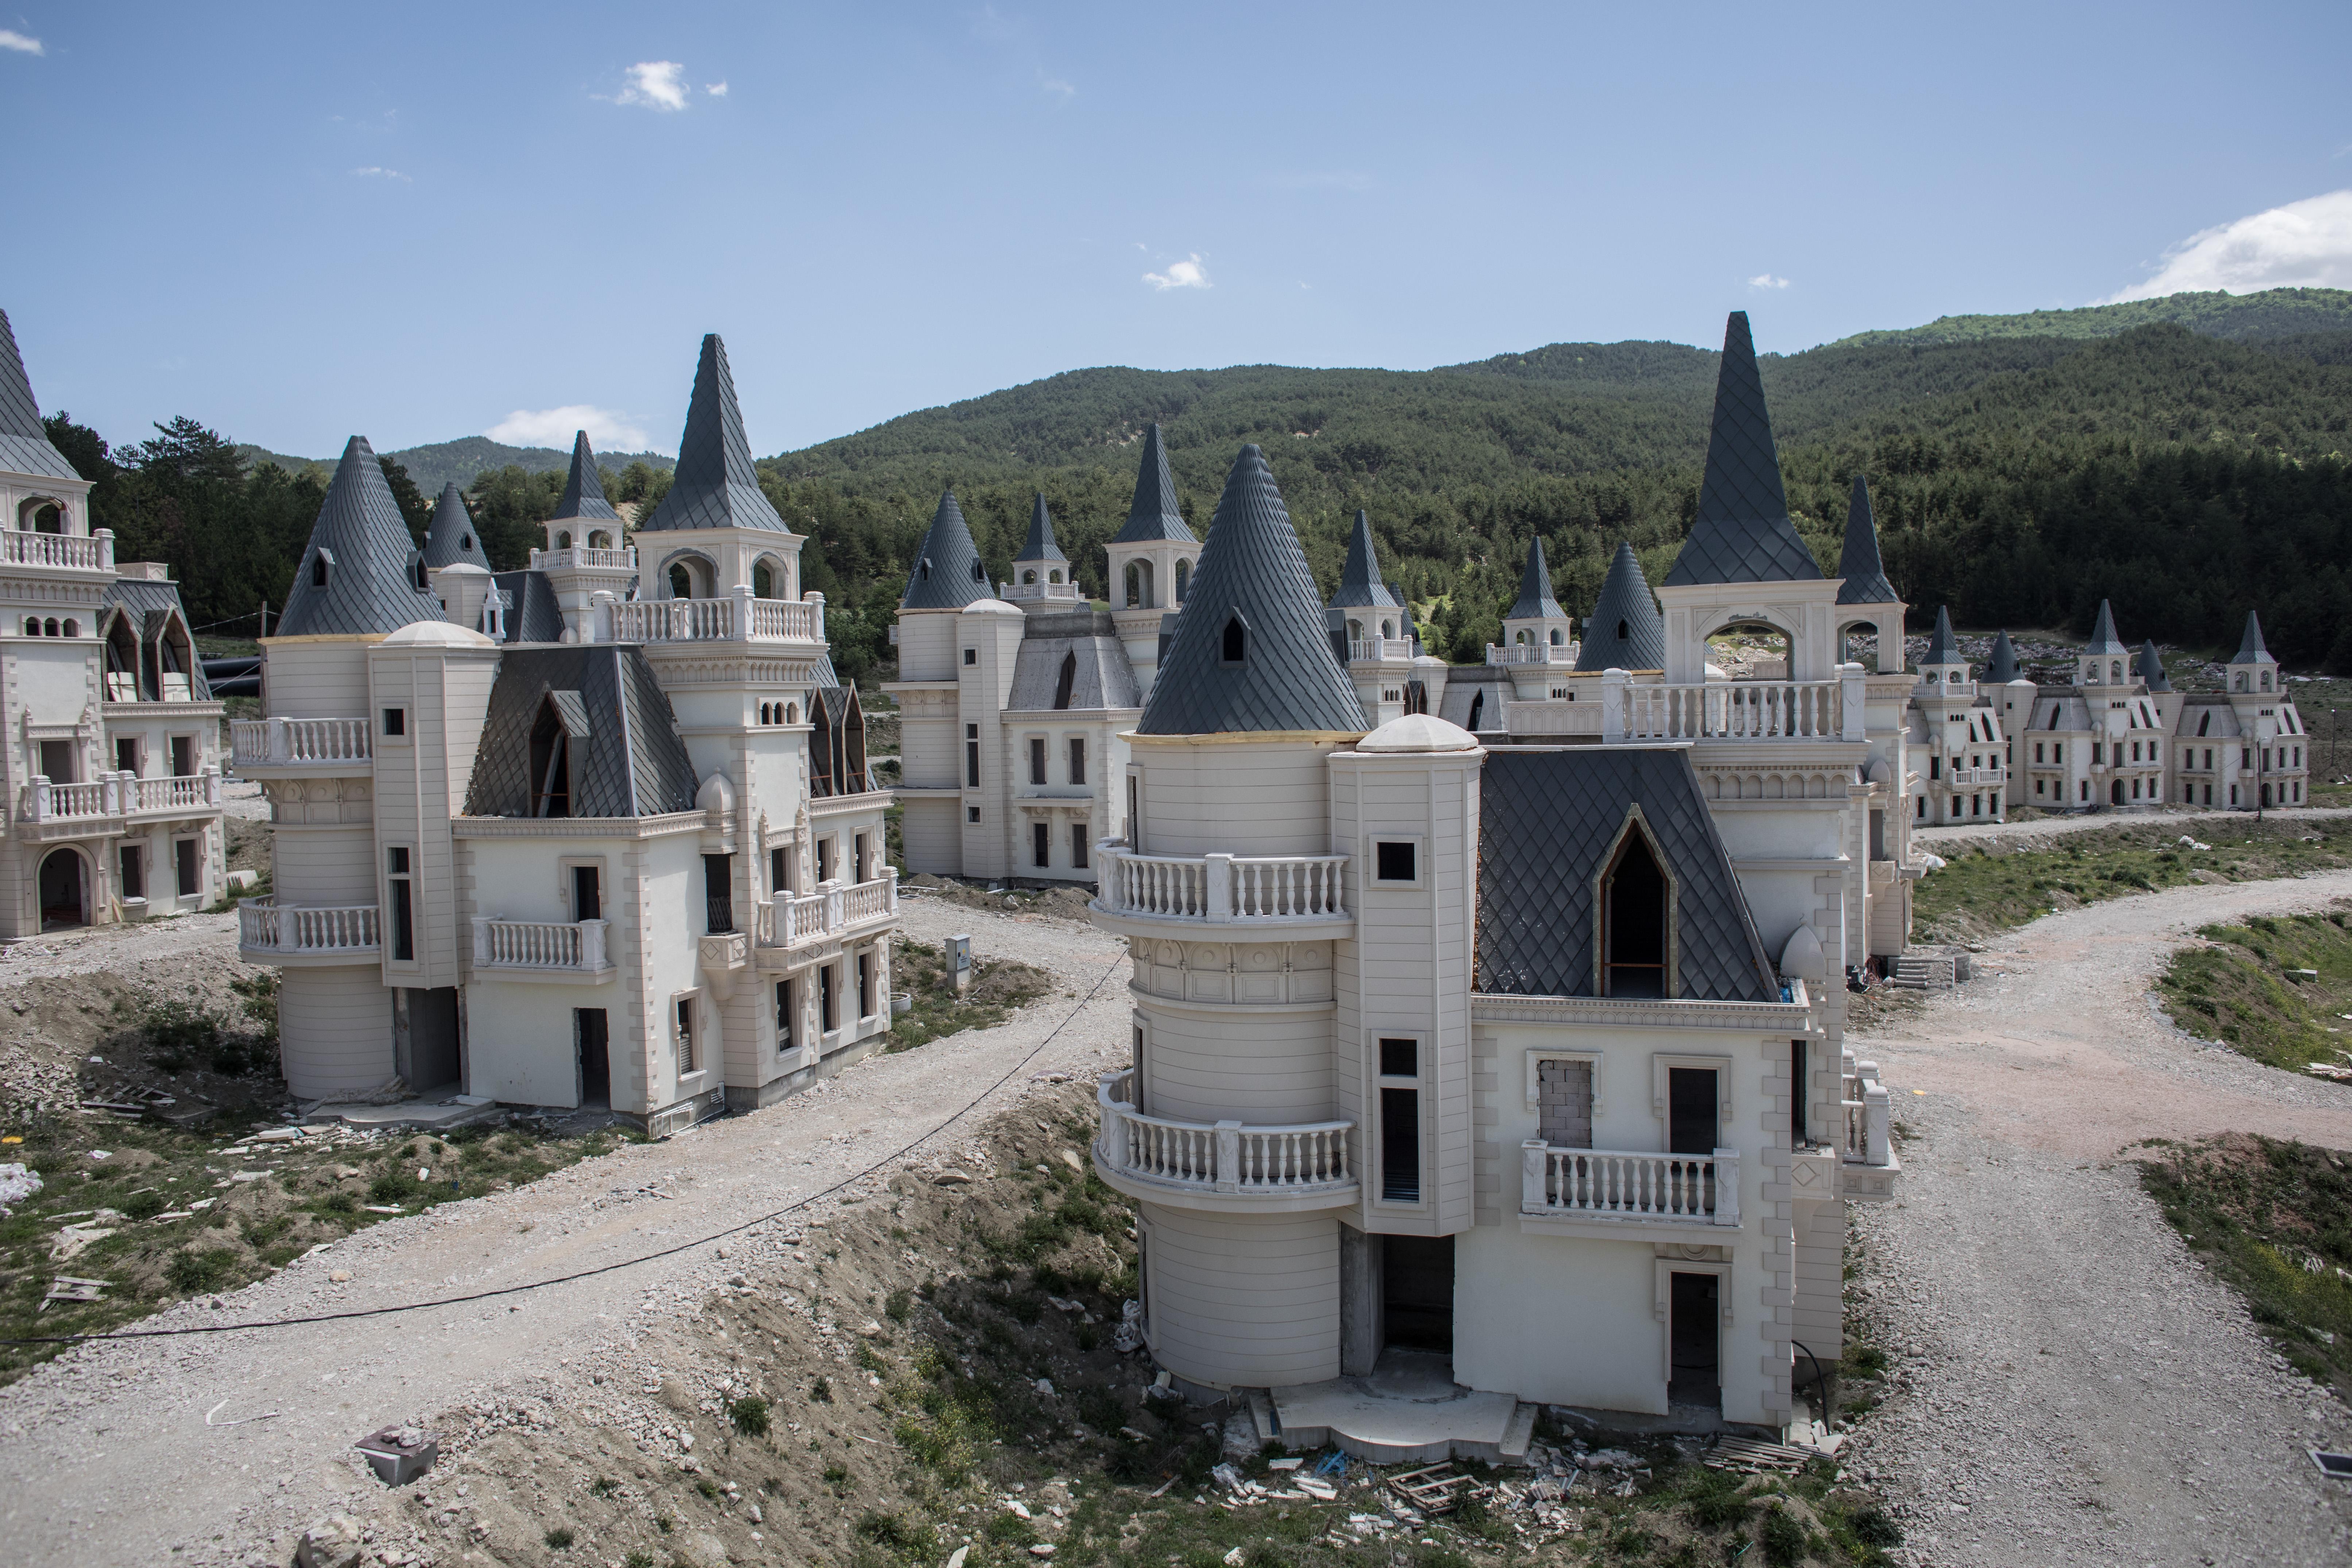 La ciudad de castillos abandonados en un bosque de Turquía (fotos)